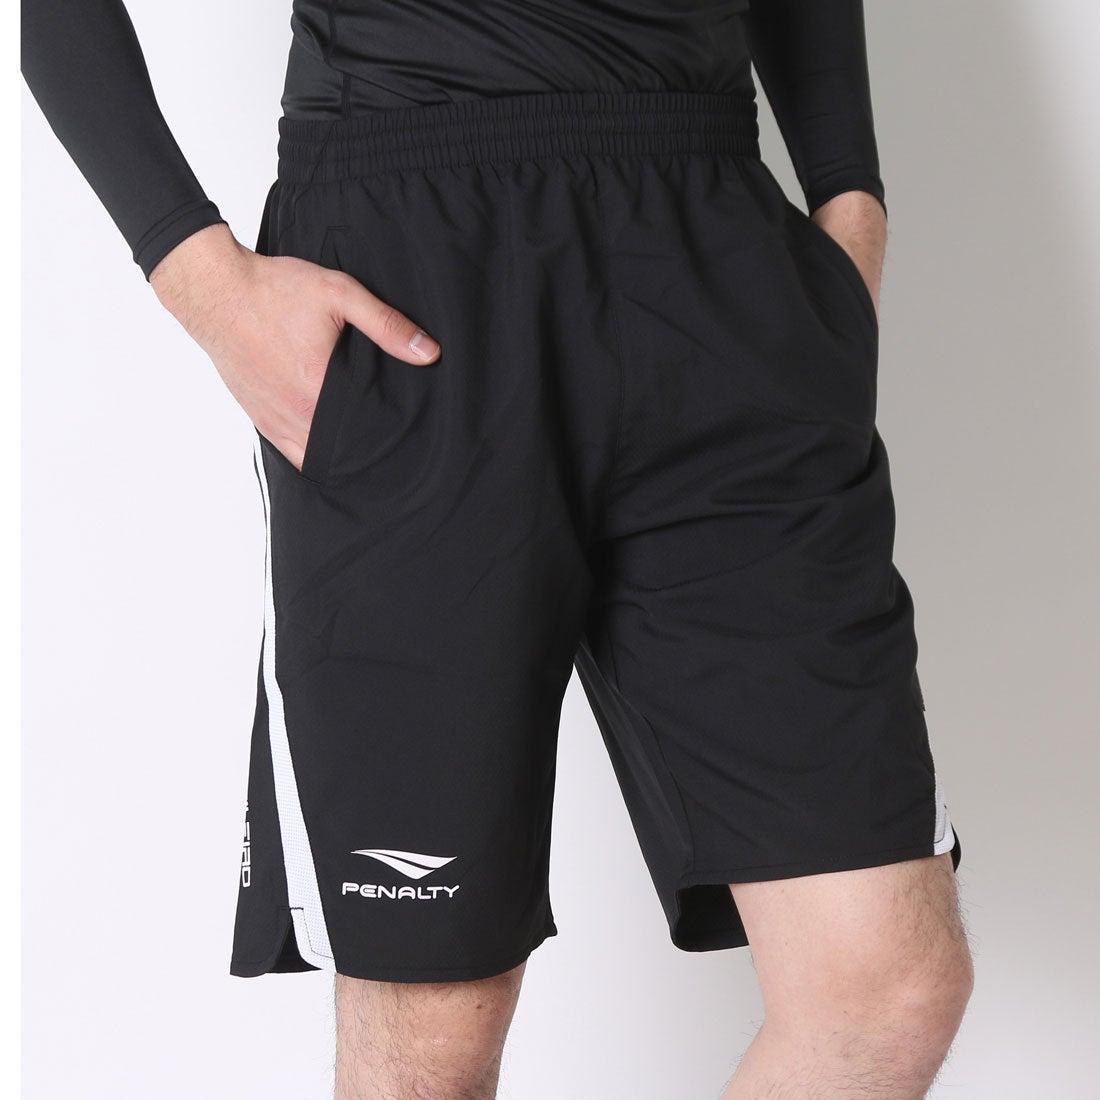 ロコンド 靴とファッションの通販サイトペナルティPENALTYフットサルプラクティスパンツウーブンラインパンツPP6220(ブラック)